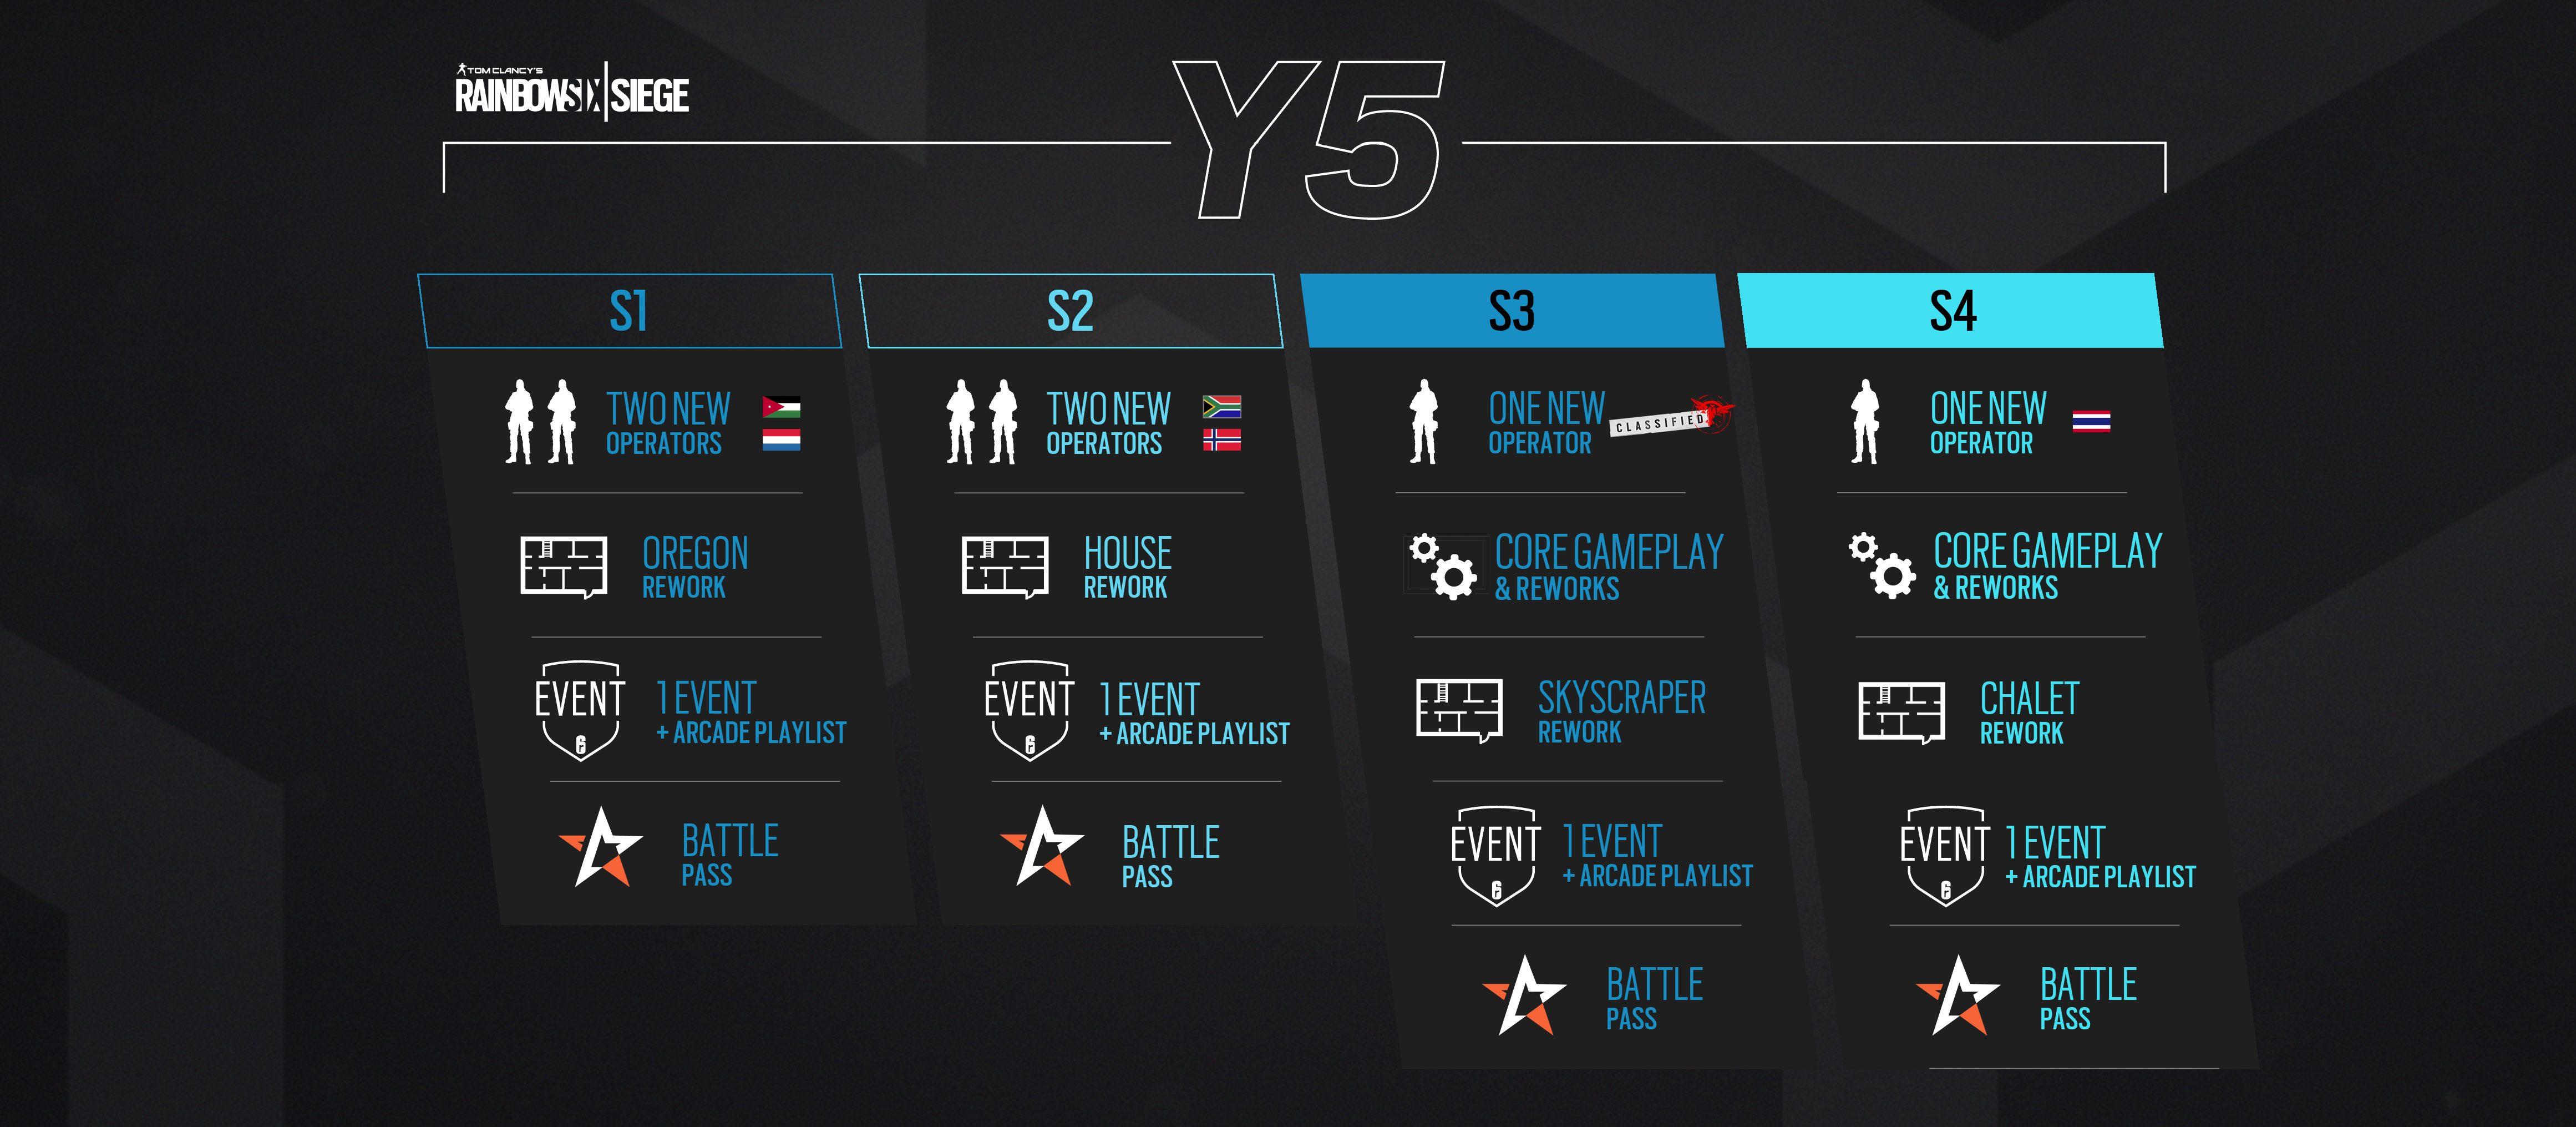 Świetlana przyszłość Rainbow Six: Siege - Ubisoft ujawnił plany na 5 i 6 rok wsparcia